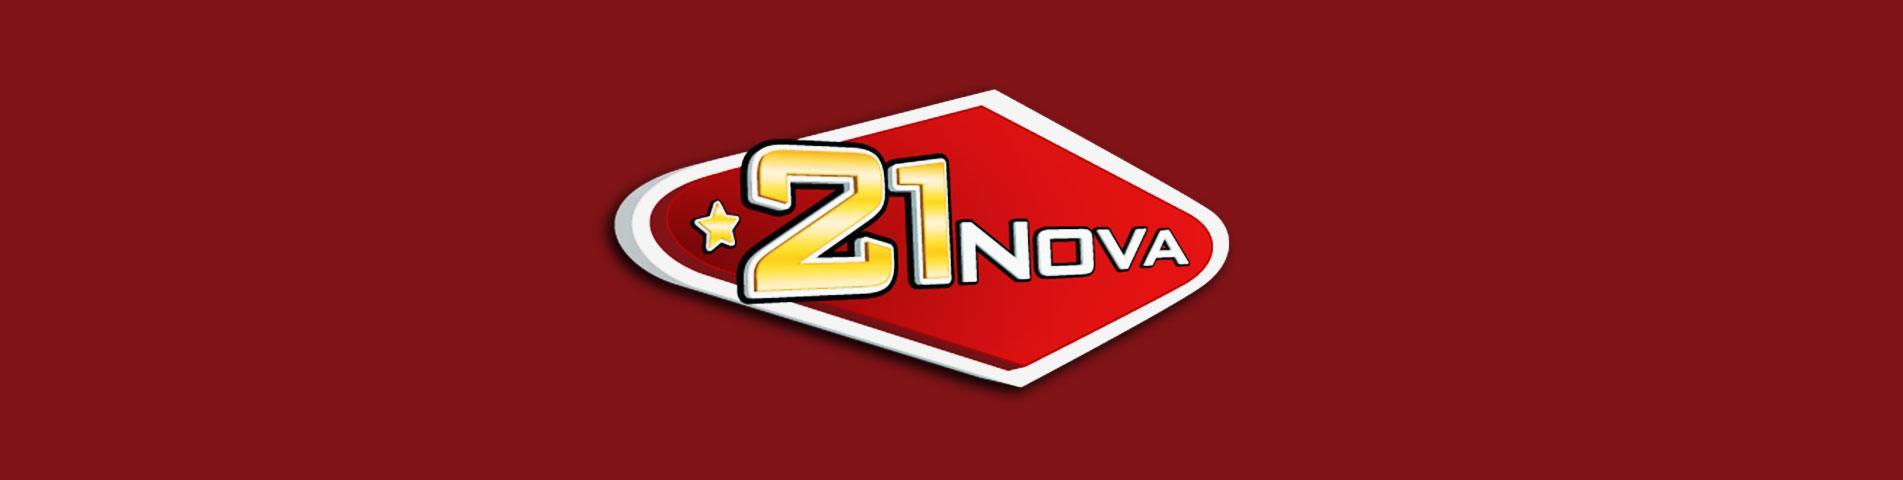 21Nova online casino slider wyrmspell